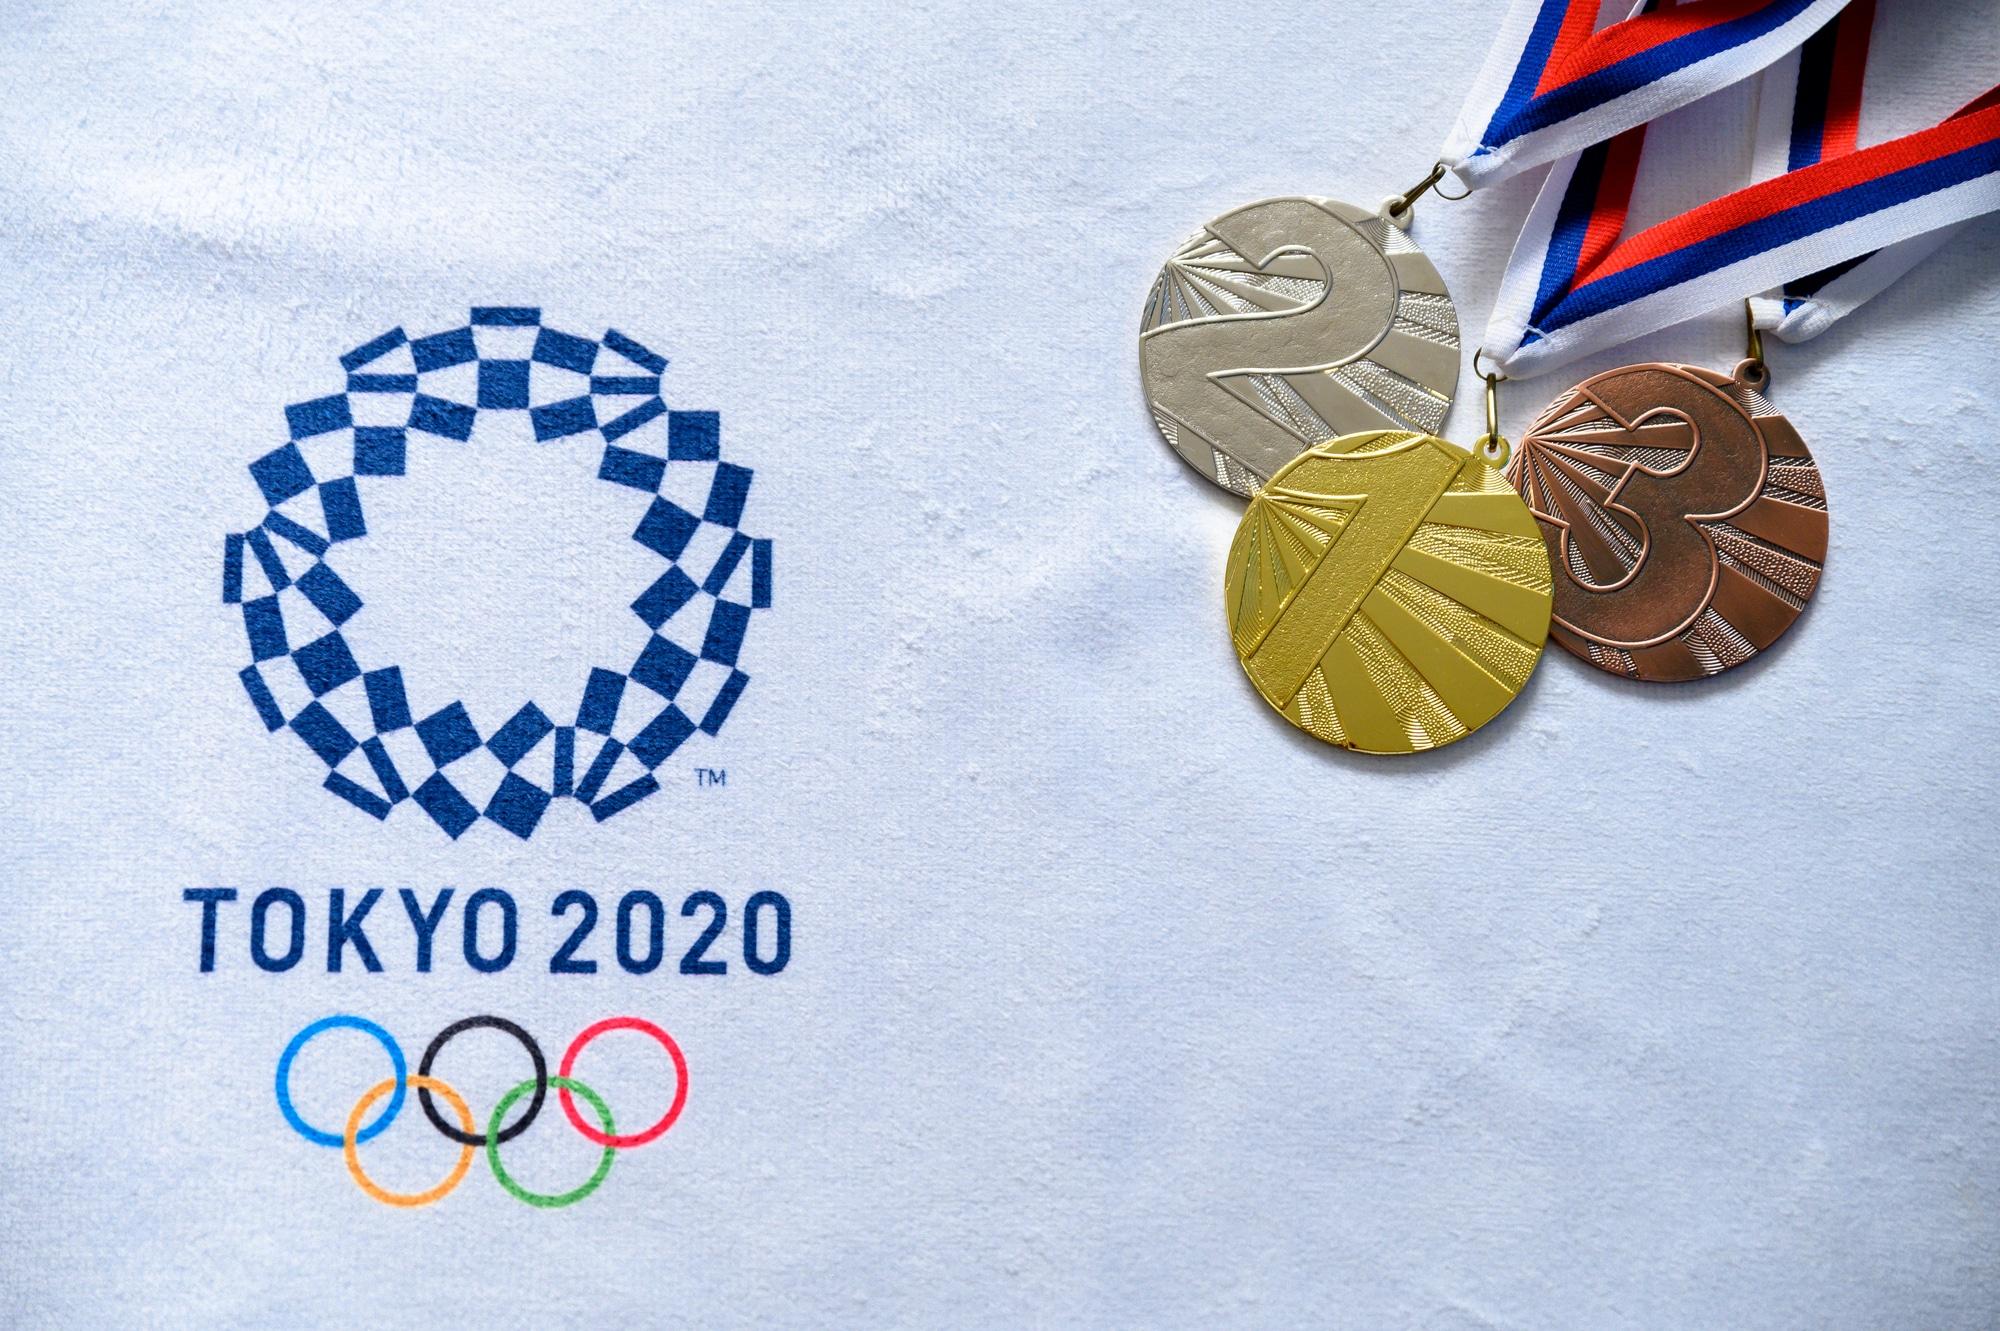 Olimpiadi di Tokyo: arriva la medaglia d'argento per Daniele Garozzo thumbnail